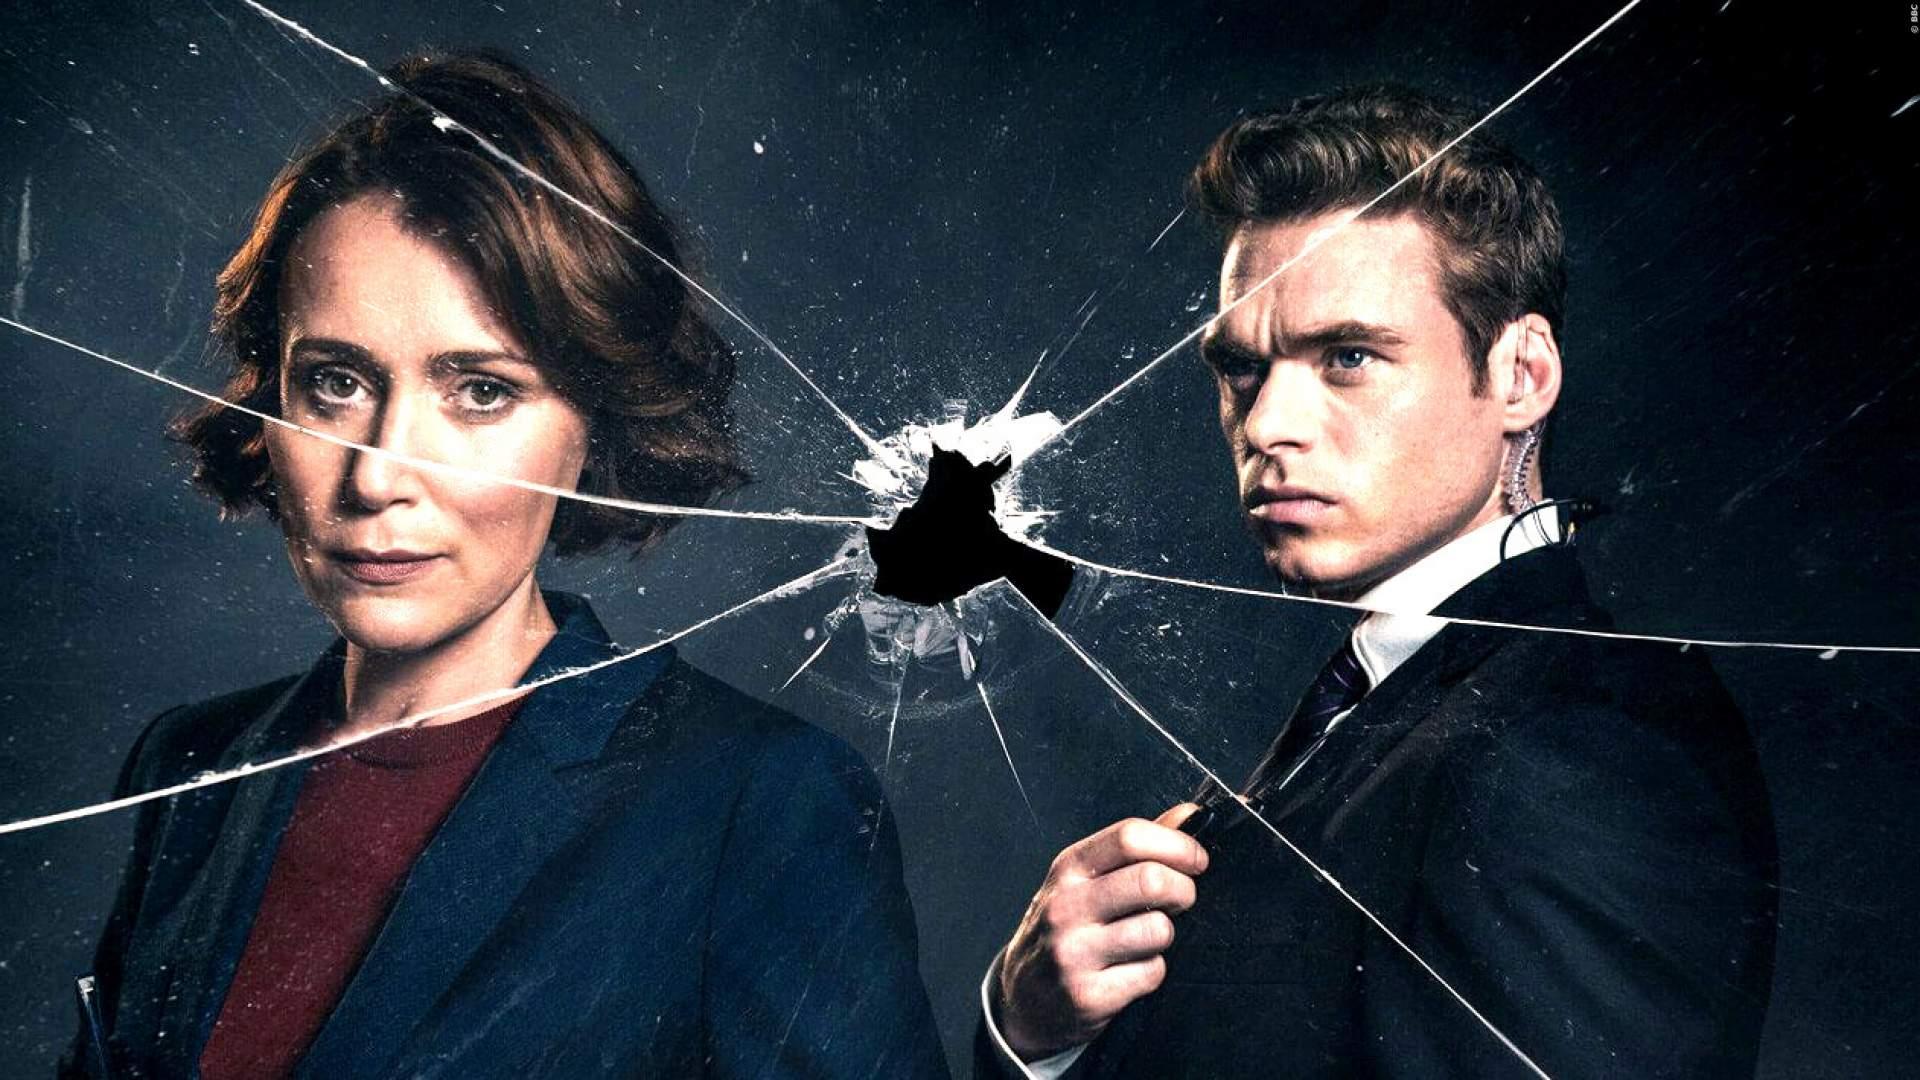 Bodyguard Staffel 2 Der Serie Auf Netflix Trailerseite Filmtv